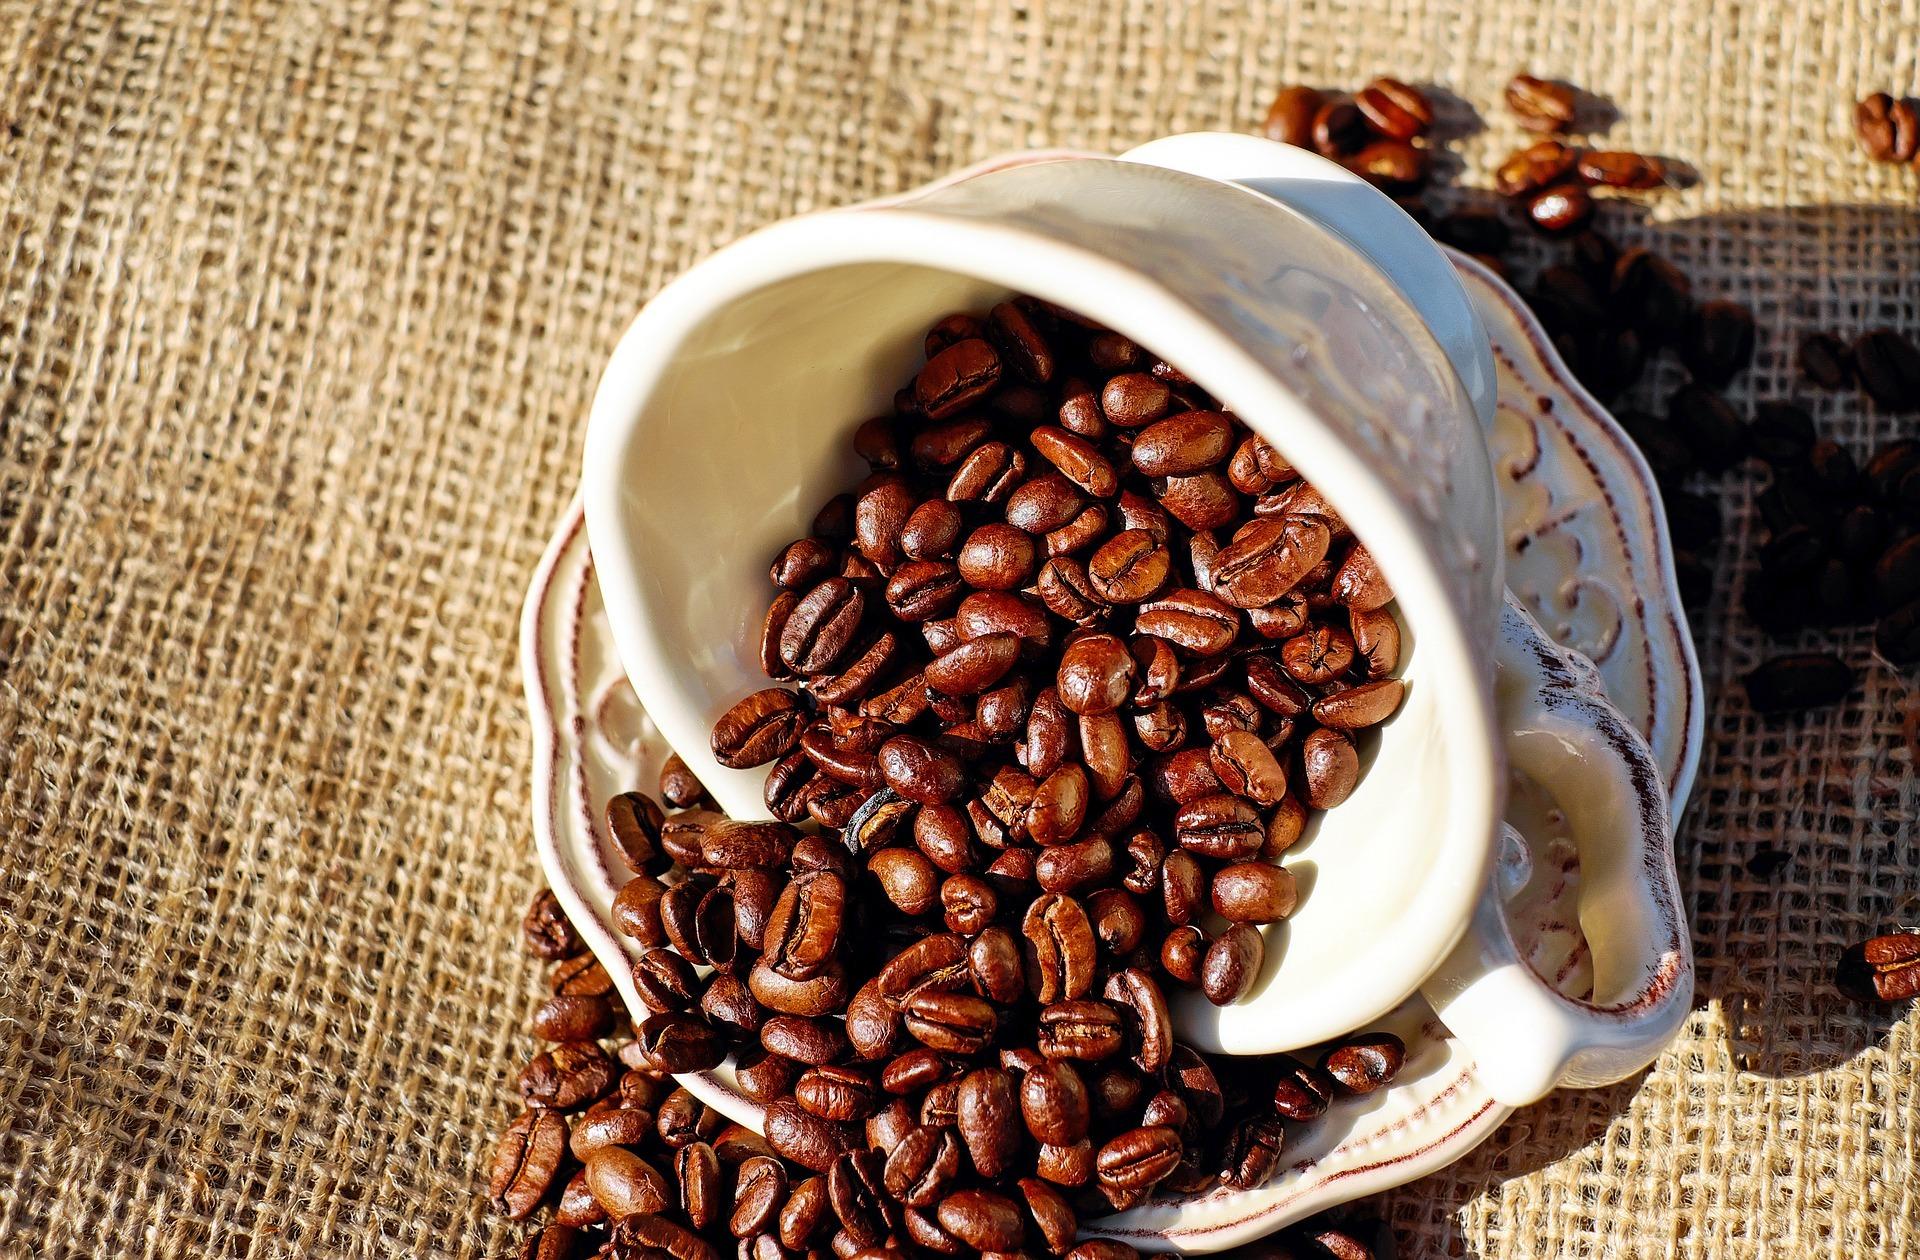 连锁咖啡品牌之争,看瑞幸咖啡与星巴克的咖啡零售之战